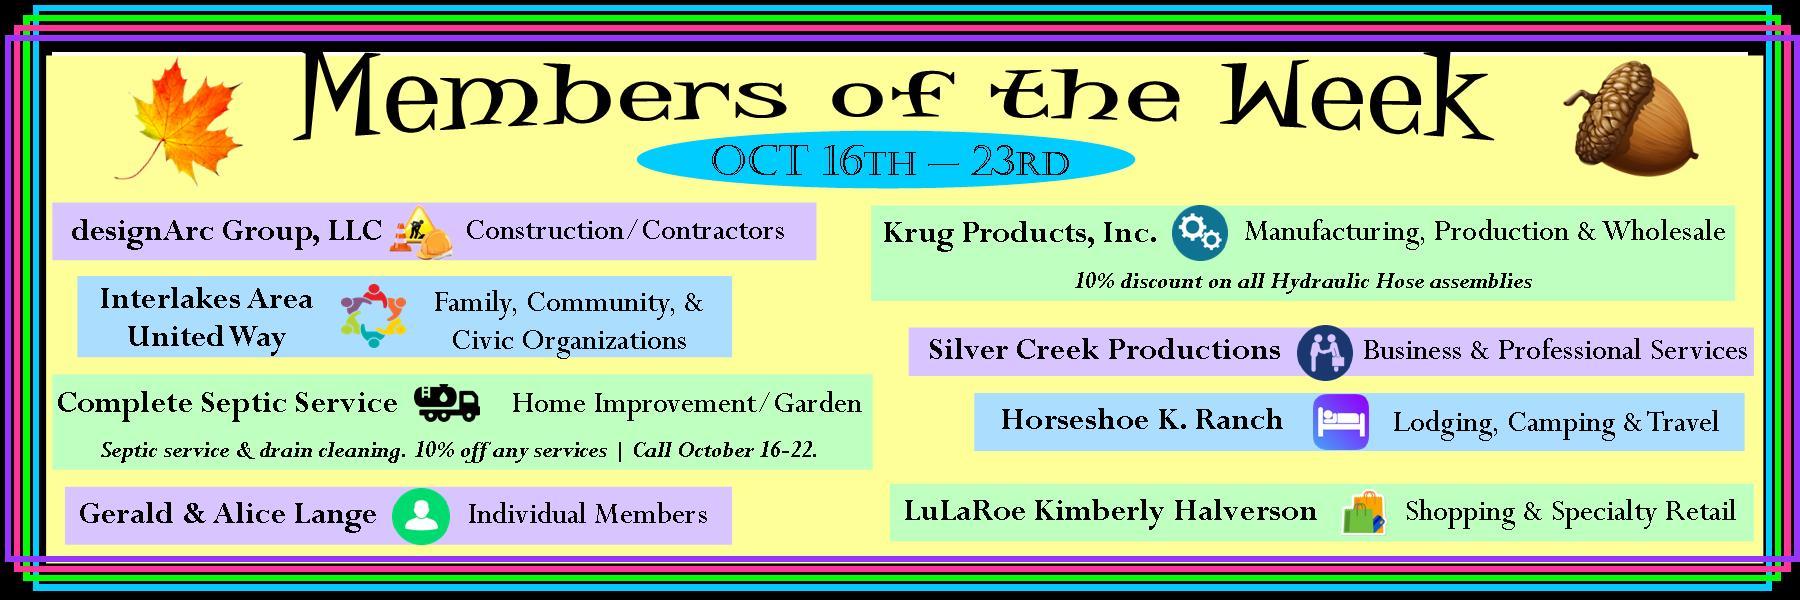 Member-of-the-Week-10-16.jpg